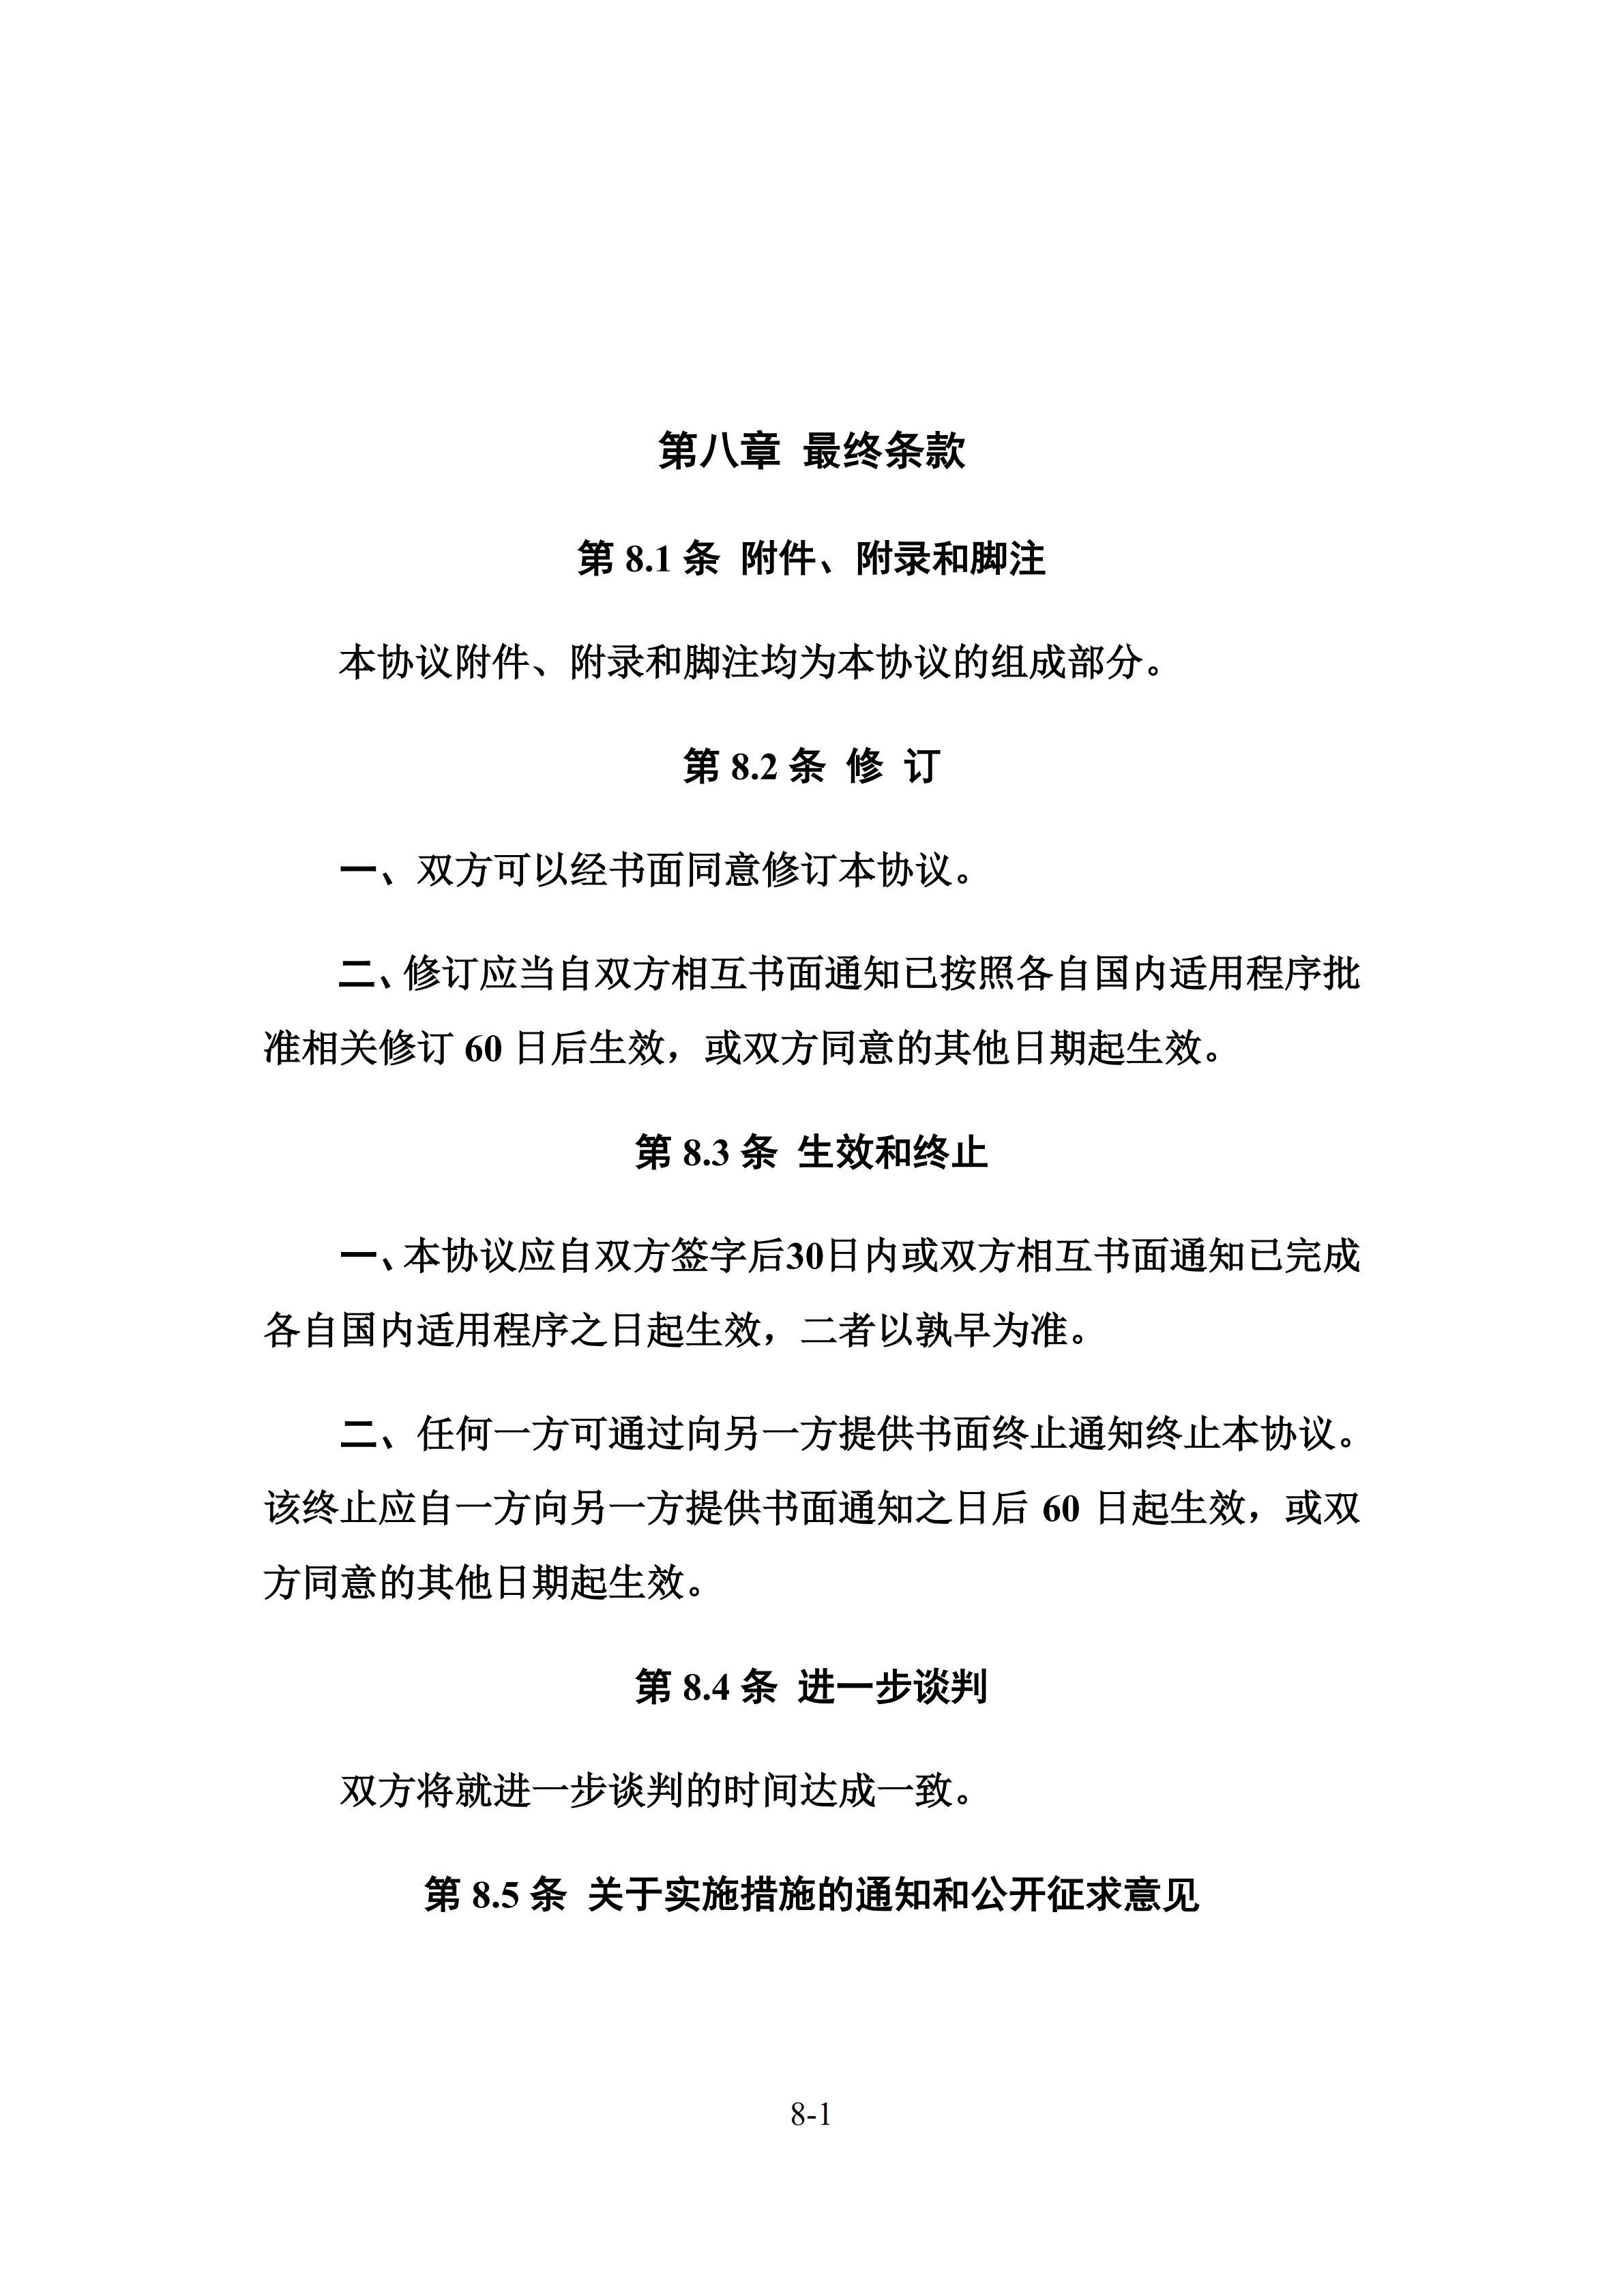 中美经贸第一阶段协议全文!(商务部中文版)